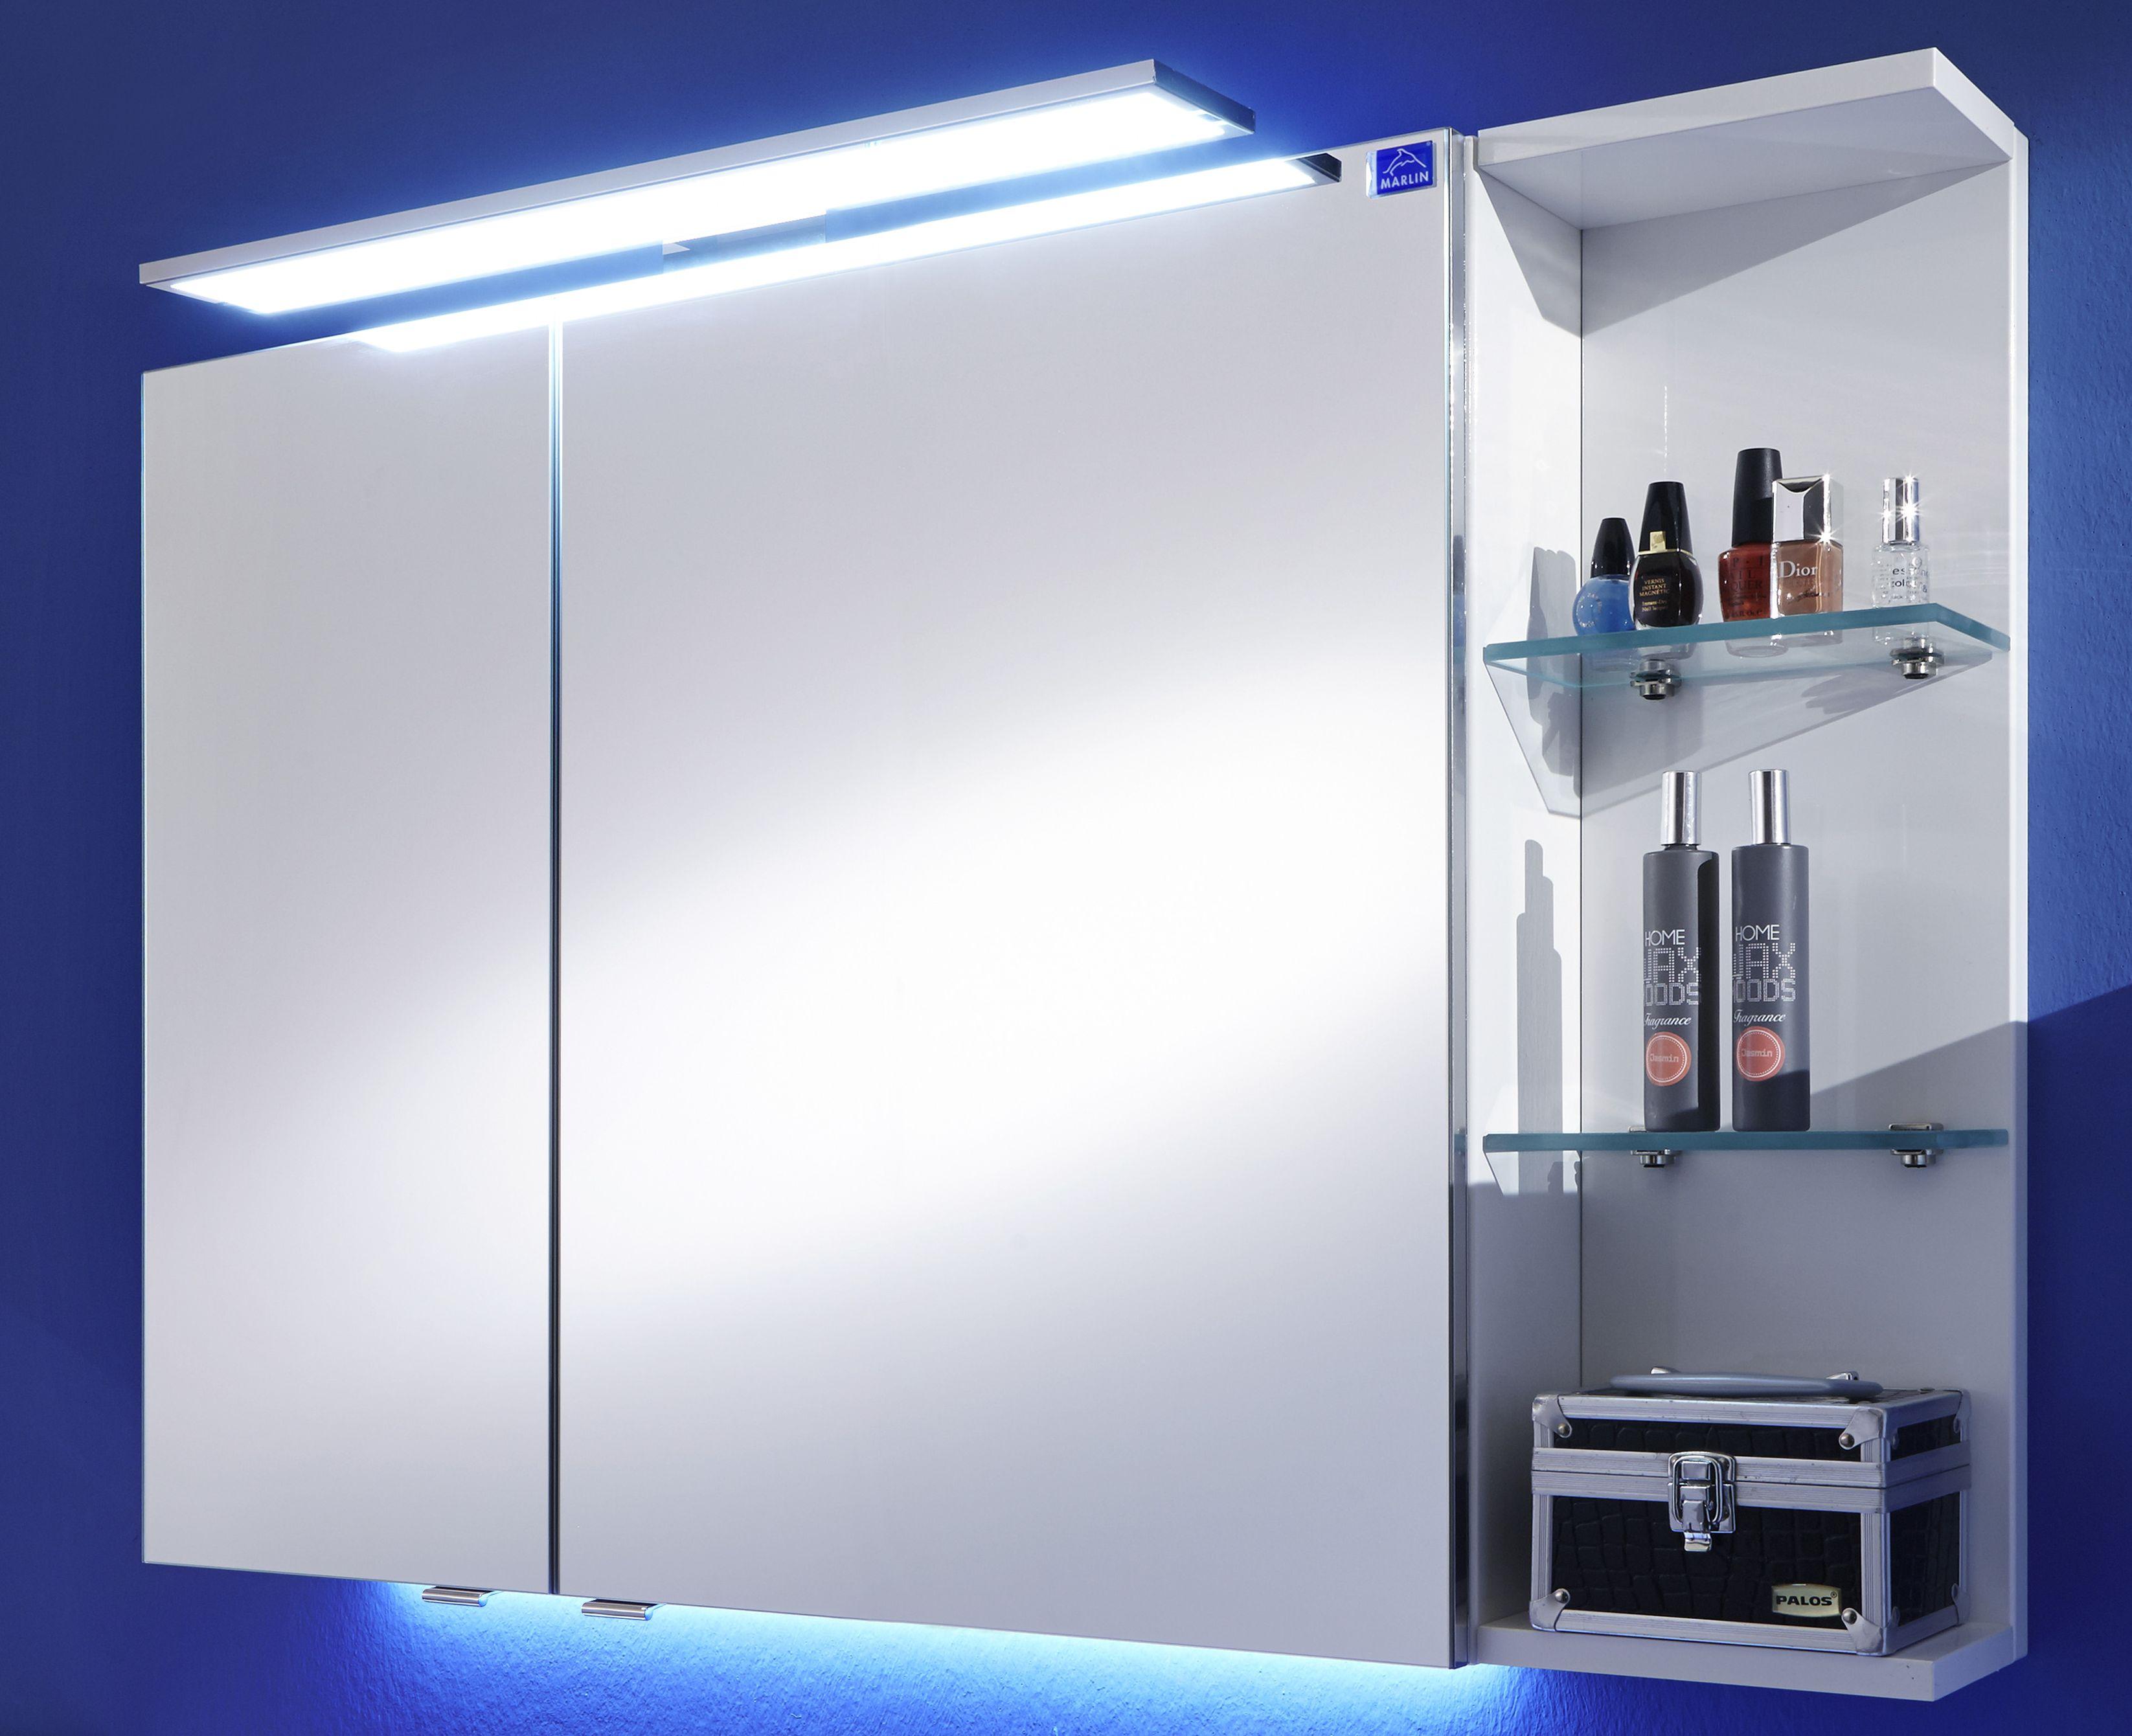 marlin programme marlin bad 3130 azure spiegelschr nke g nstig kaufen m bel universum. Black Bedroom Furniture Sets. Home Design Ideas